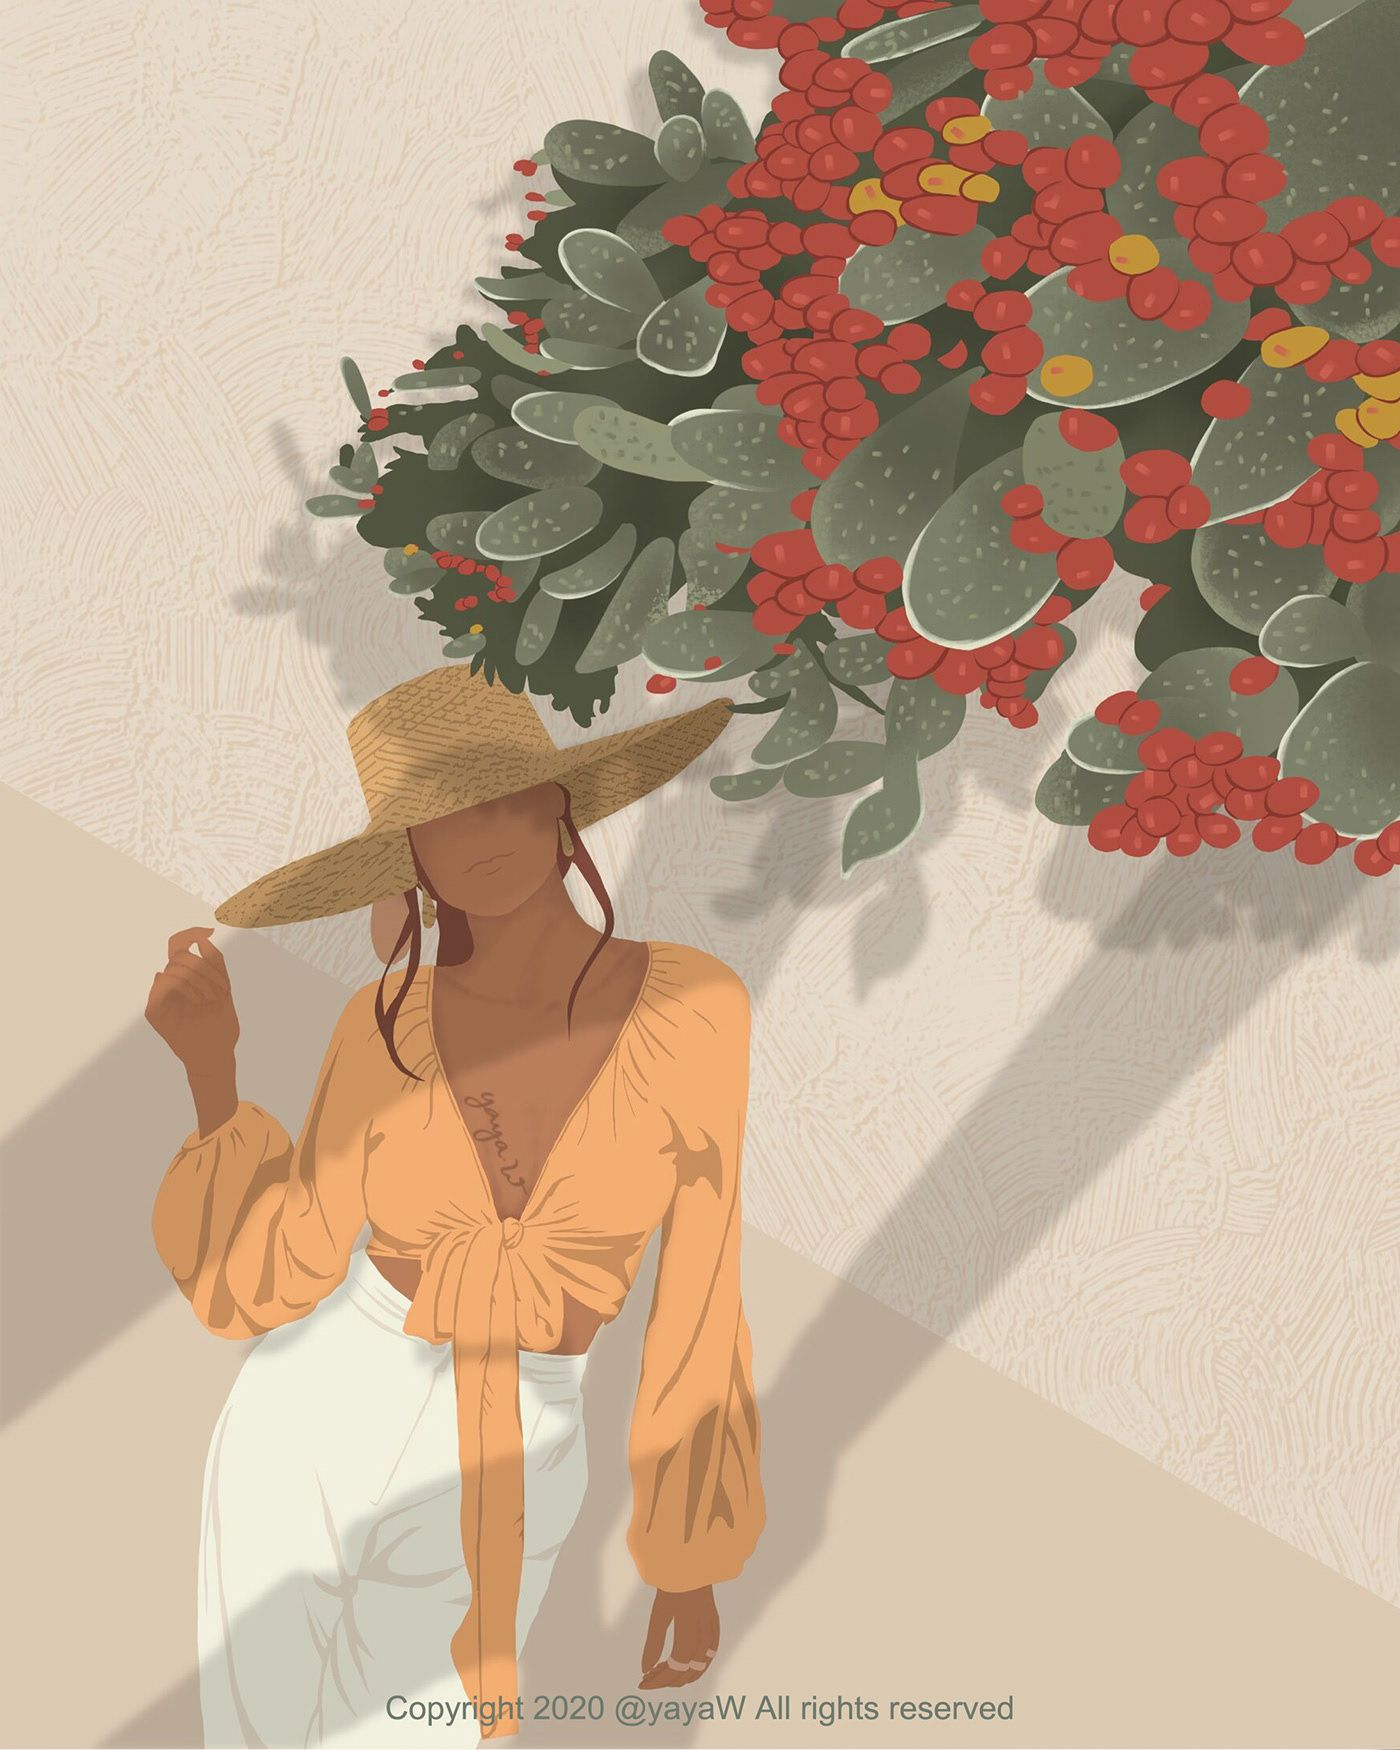 Artwork For 2021 Calendar On Behance Illustration Art Girl Illustration Art Illustration Art Drawing